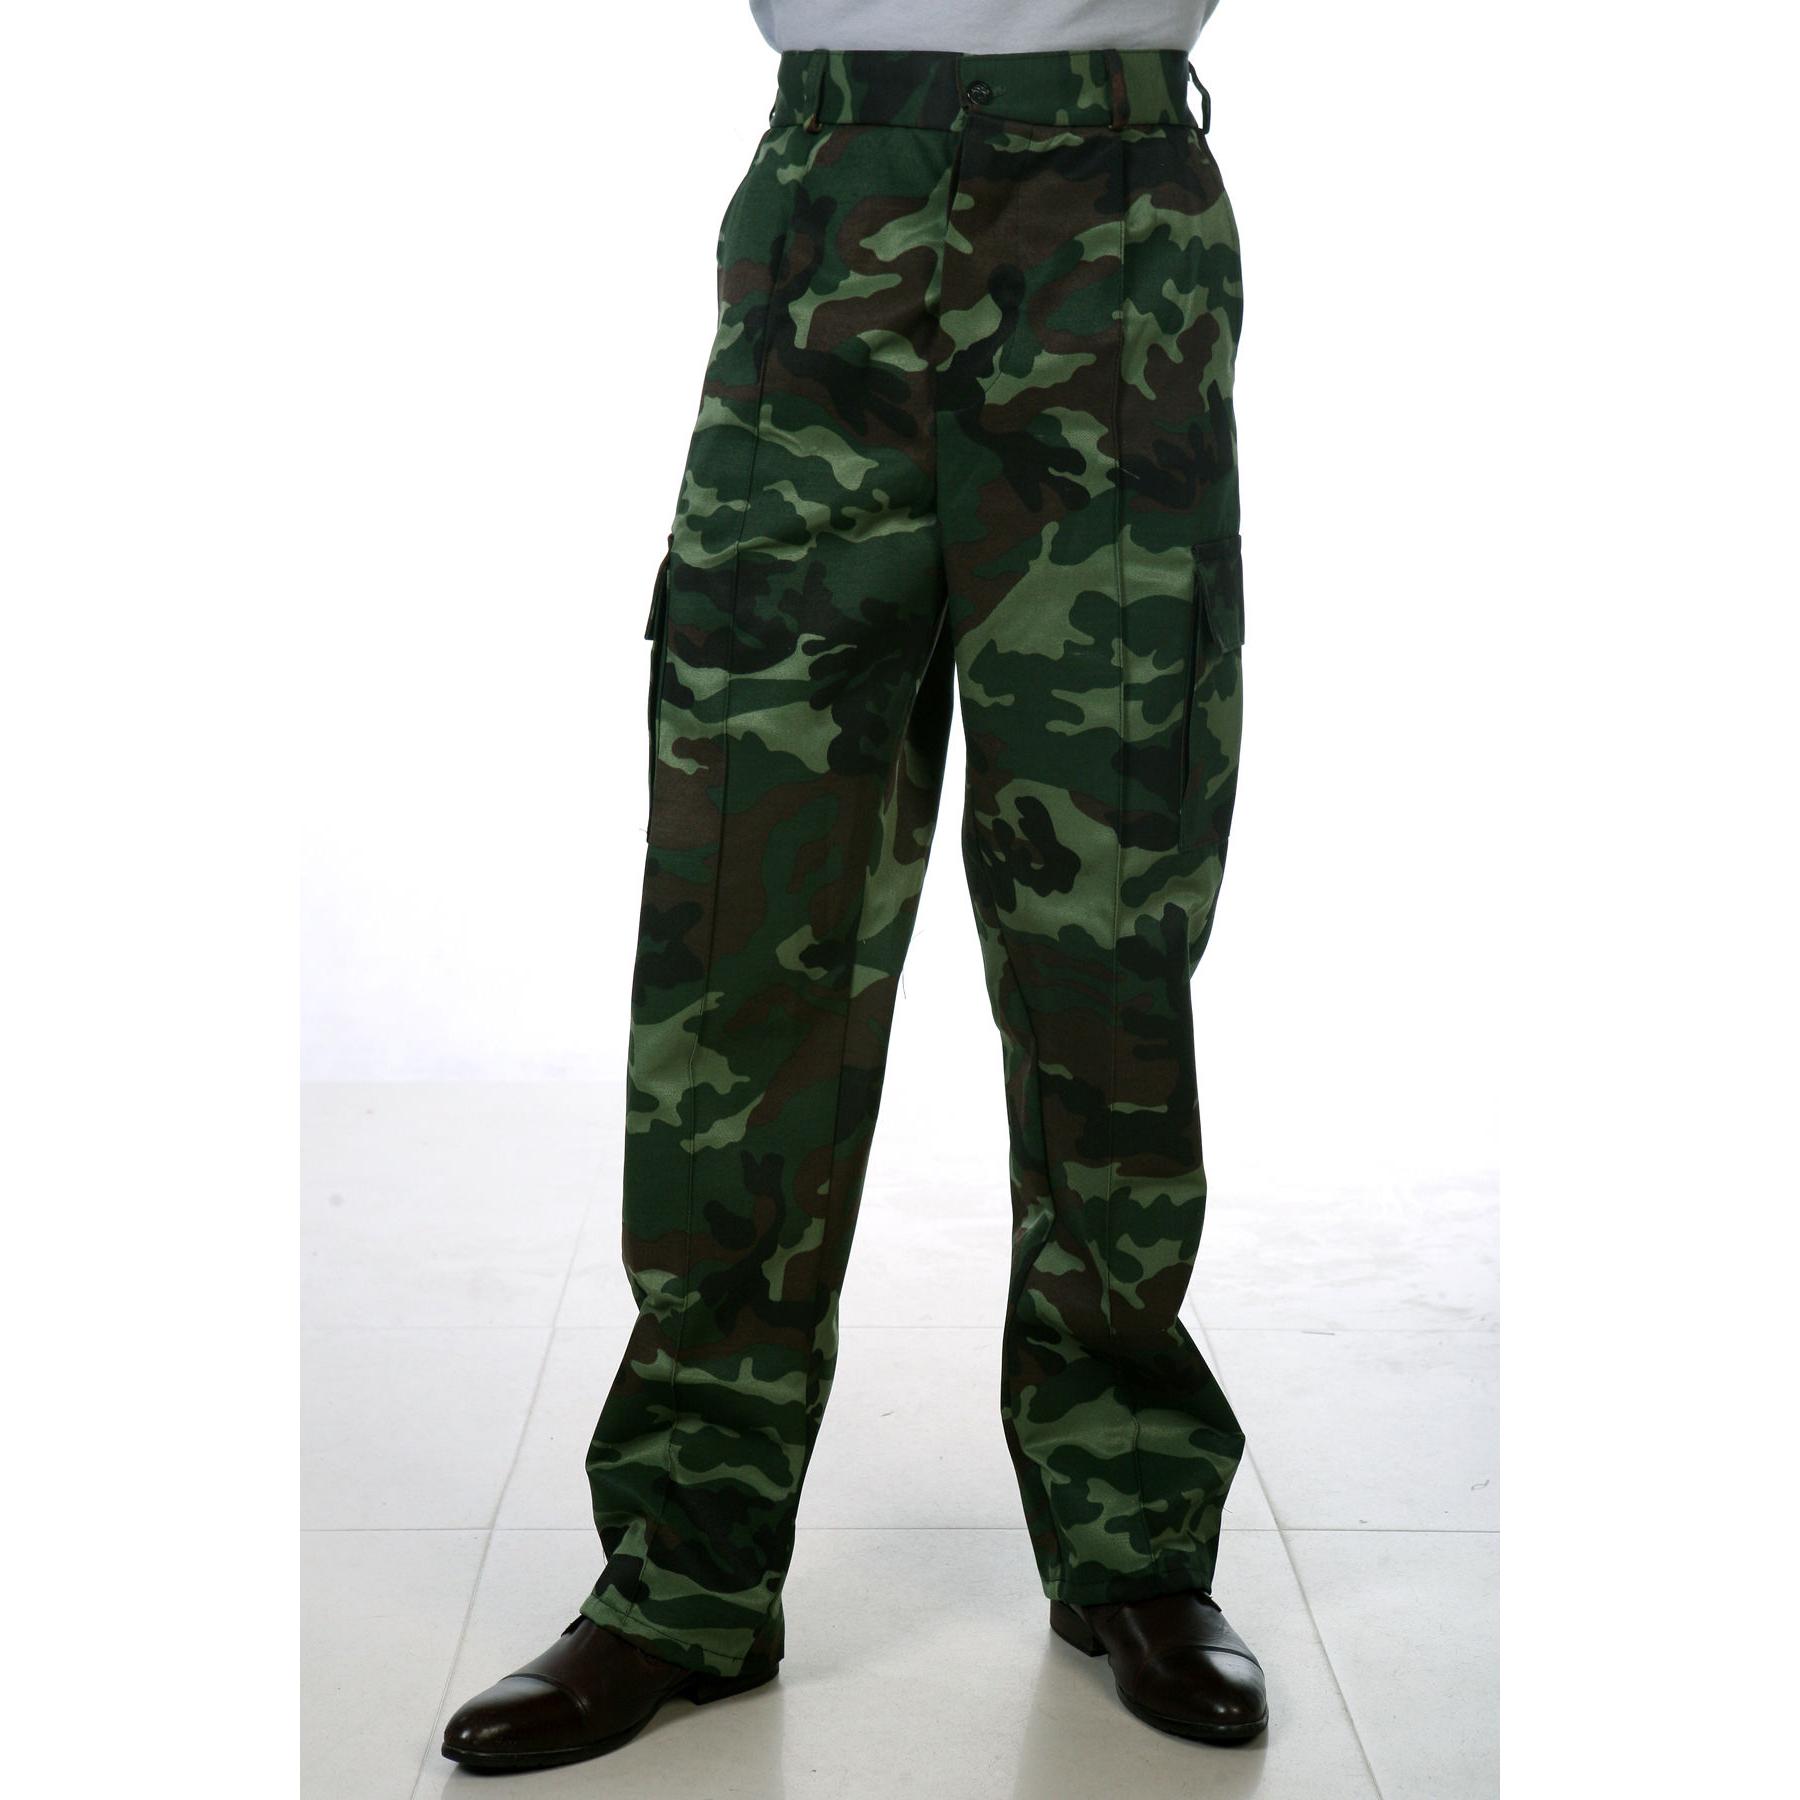 Мужские брюки «Камуфляж», размер 44Спецодежда<br><br><br>Тип: Муж. брюки<br>Размер: 44<br>Материал: Грета